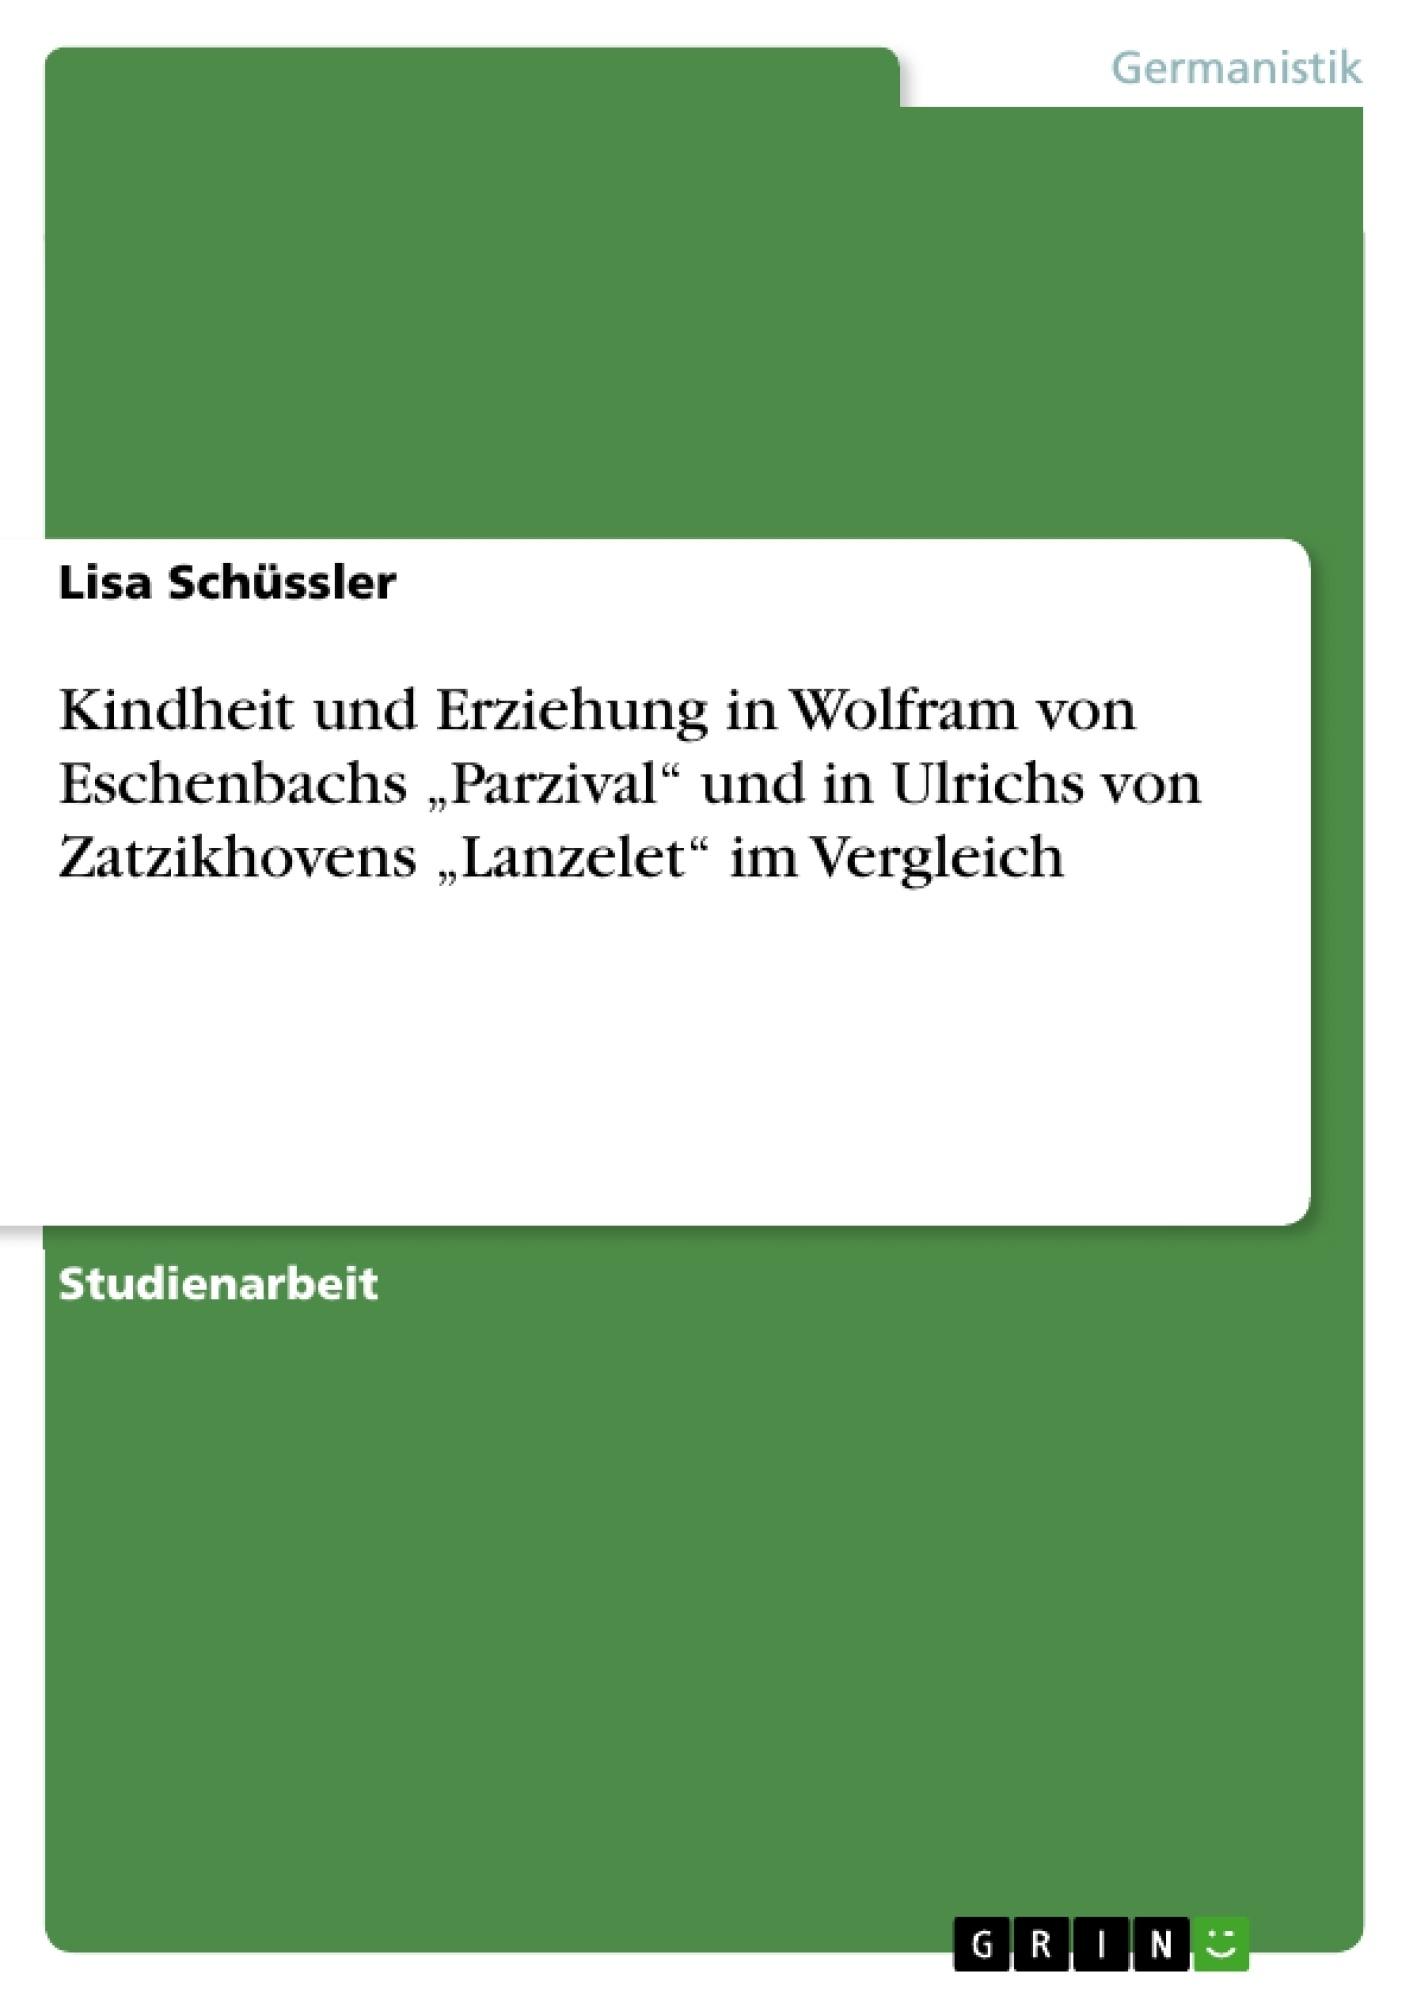 """Titel: Kindheit und Erziehung in Wolfram von Eschenbachs """"Parzival"""" und in Ulrichs von Zatzikhovens """"Lanzelet"""" im Vergleich"""